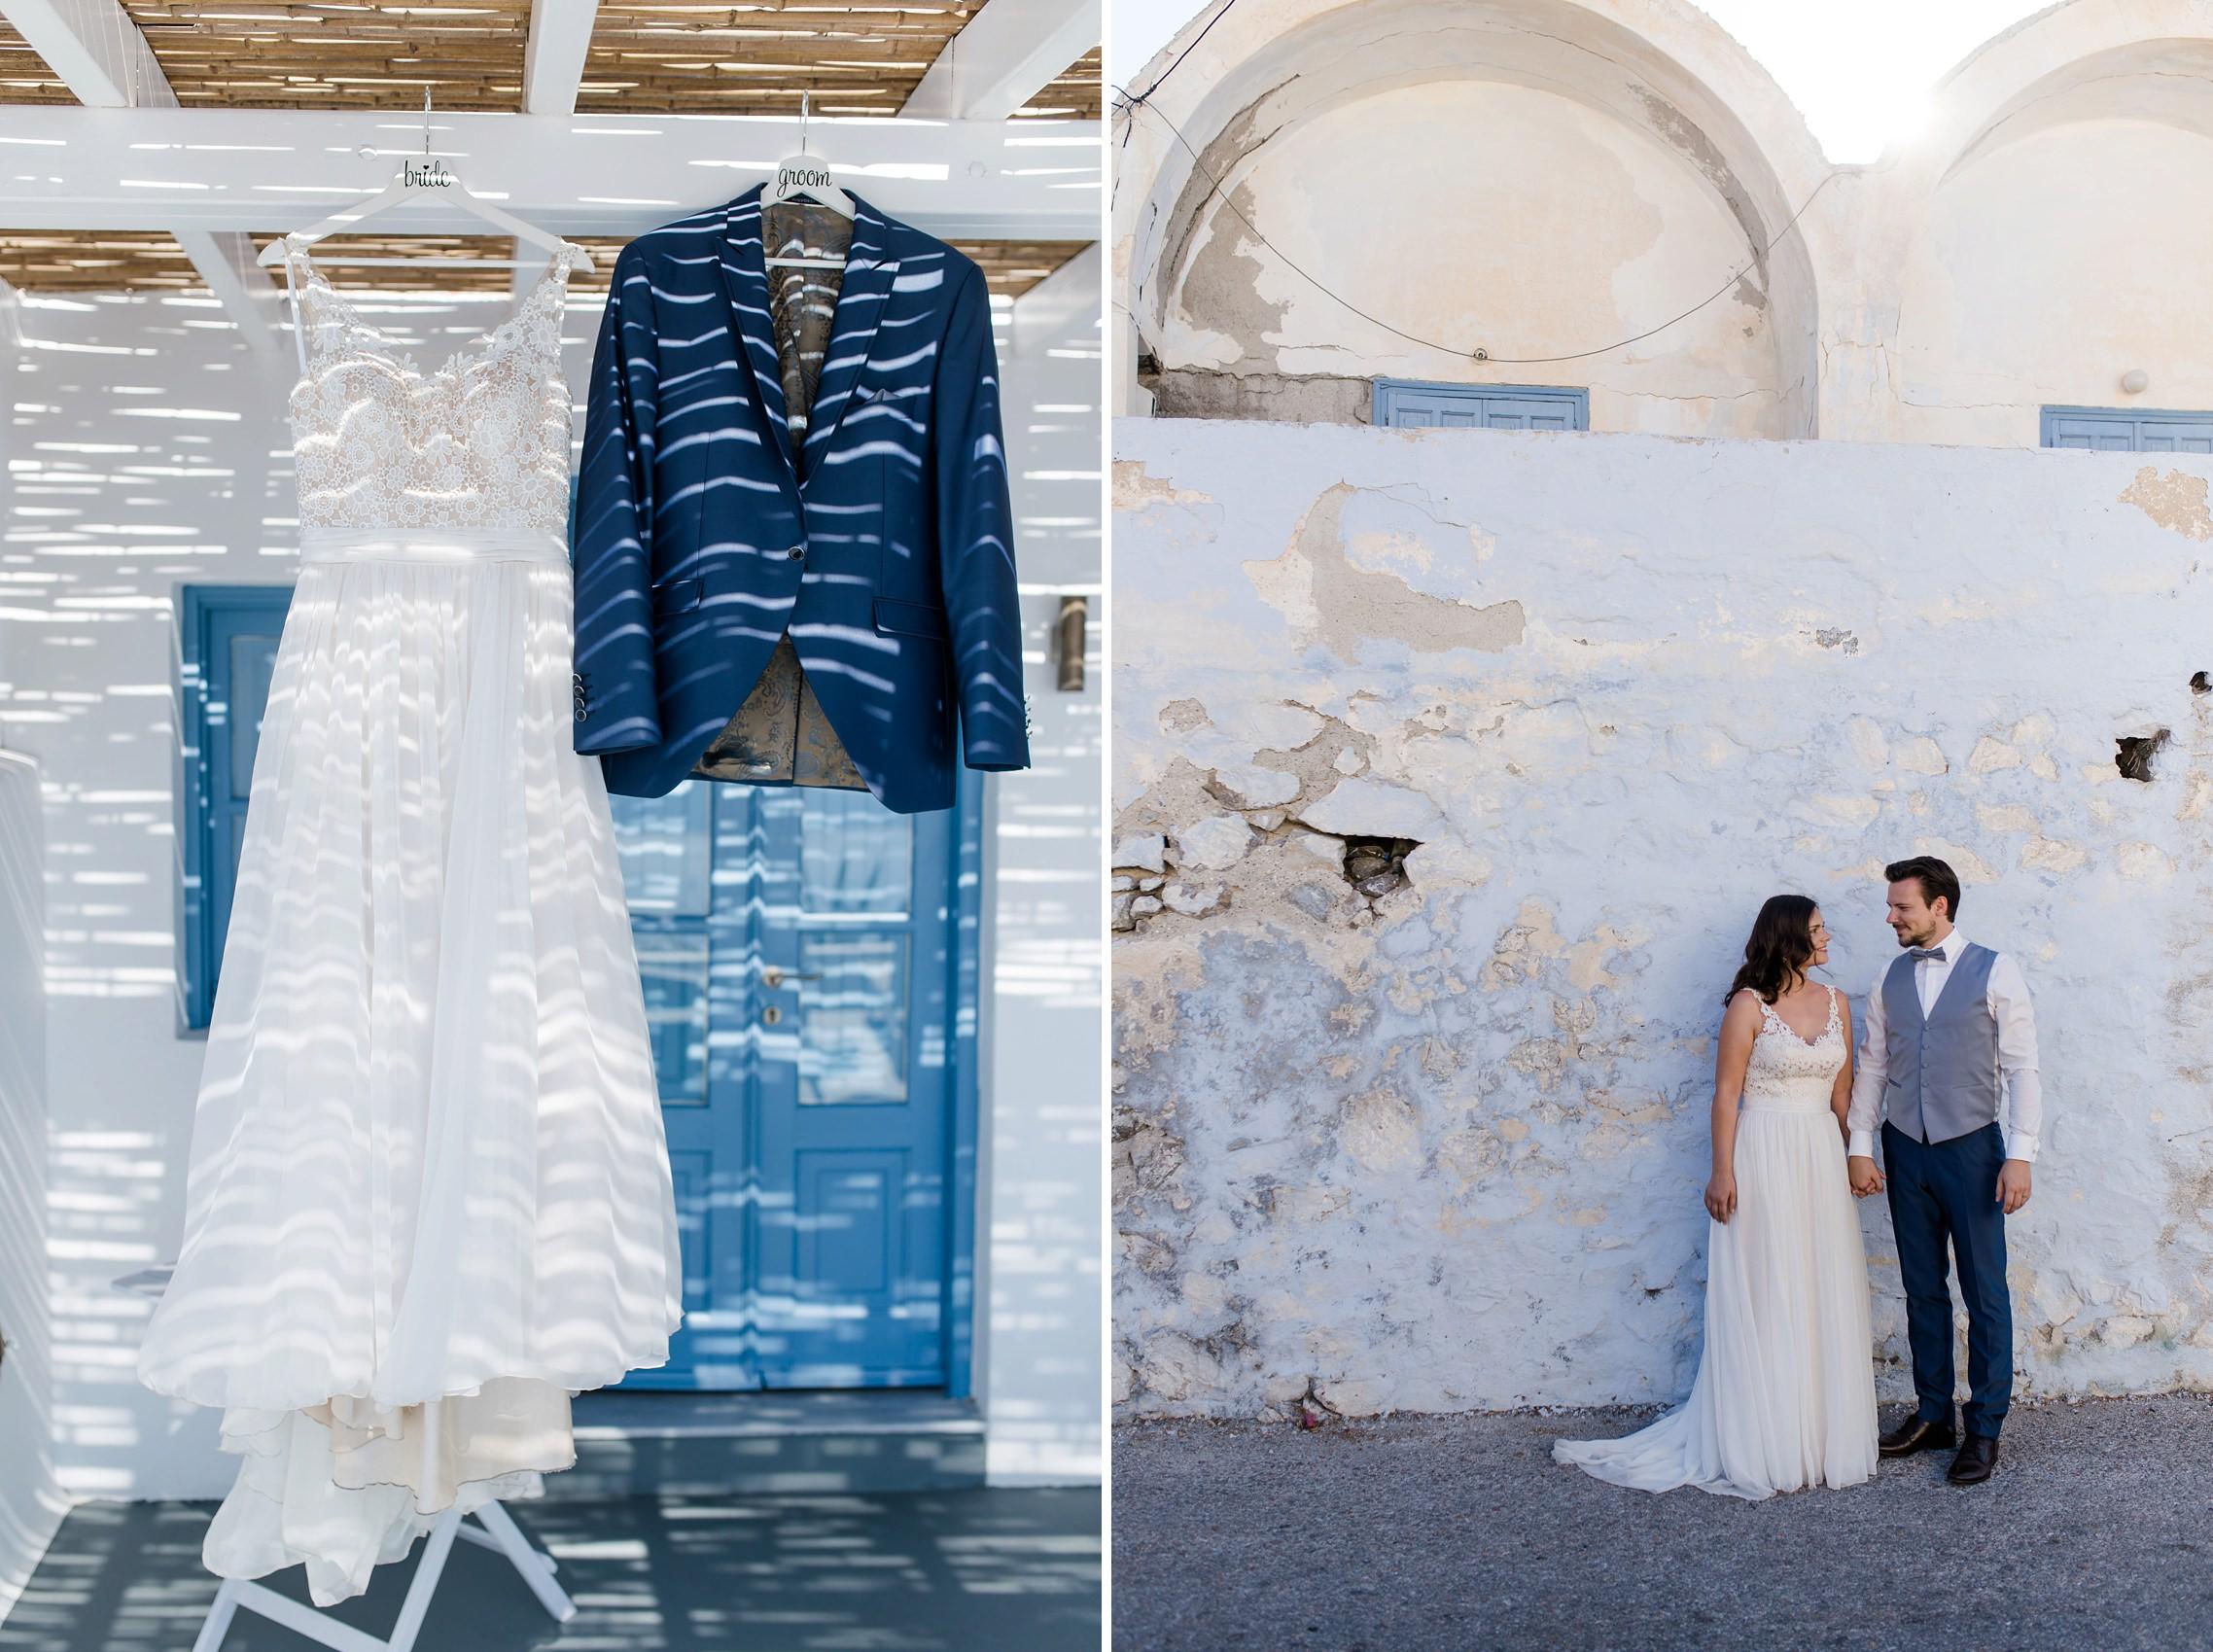 After-Wedding-Shooting Santorini: Brautpaar steht vor einer alten Mauer - der Putz bröckelt schon ab. Brautkleid und Anzug des Bräutigams hängen unter dem Strohdach.